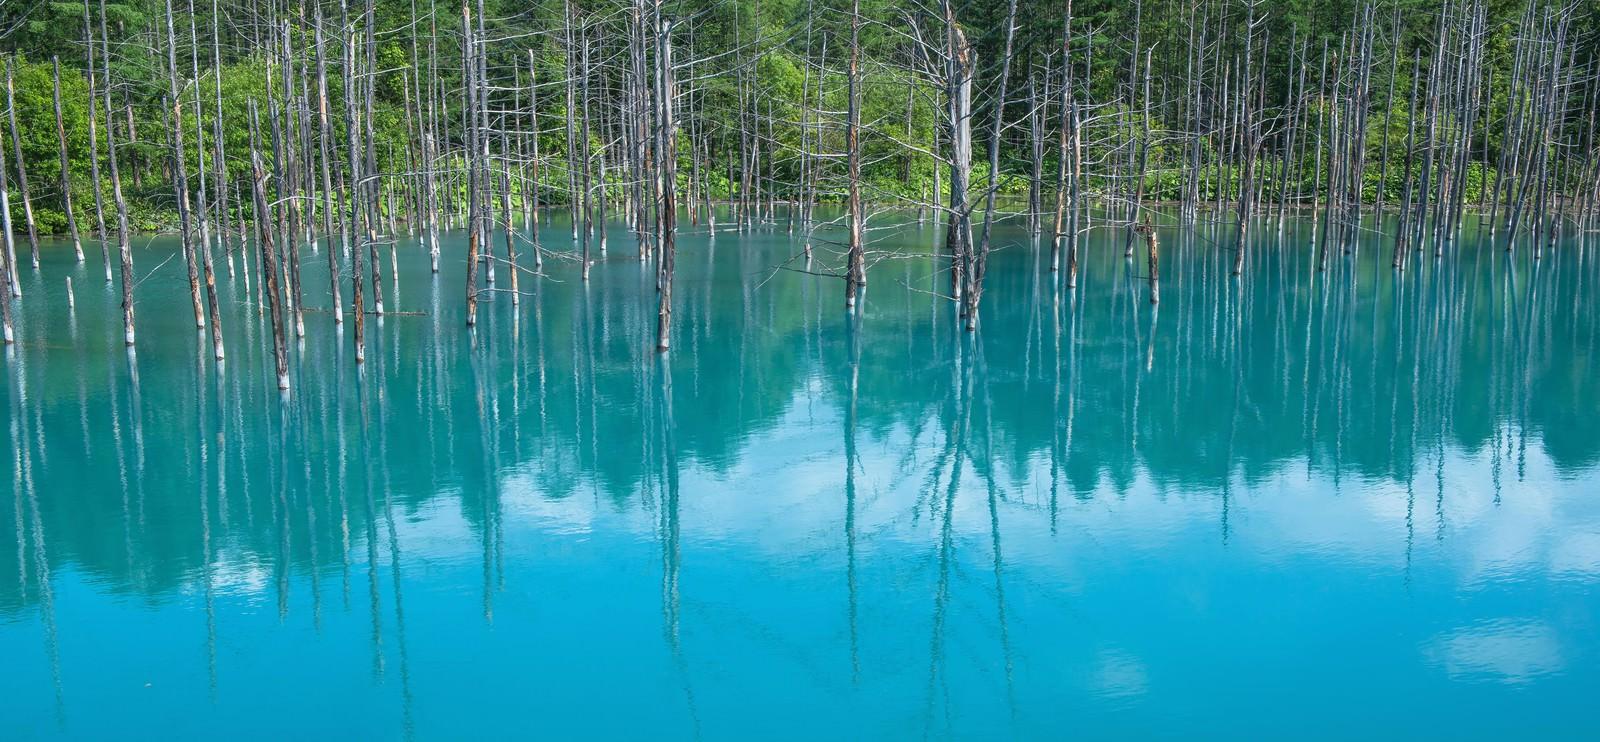 「青い池青い池」のフリー写真素材を拡大